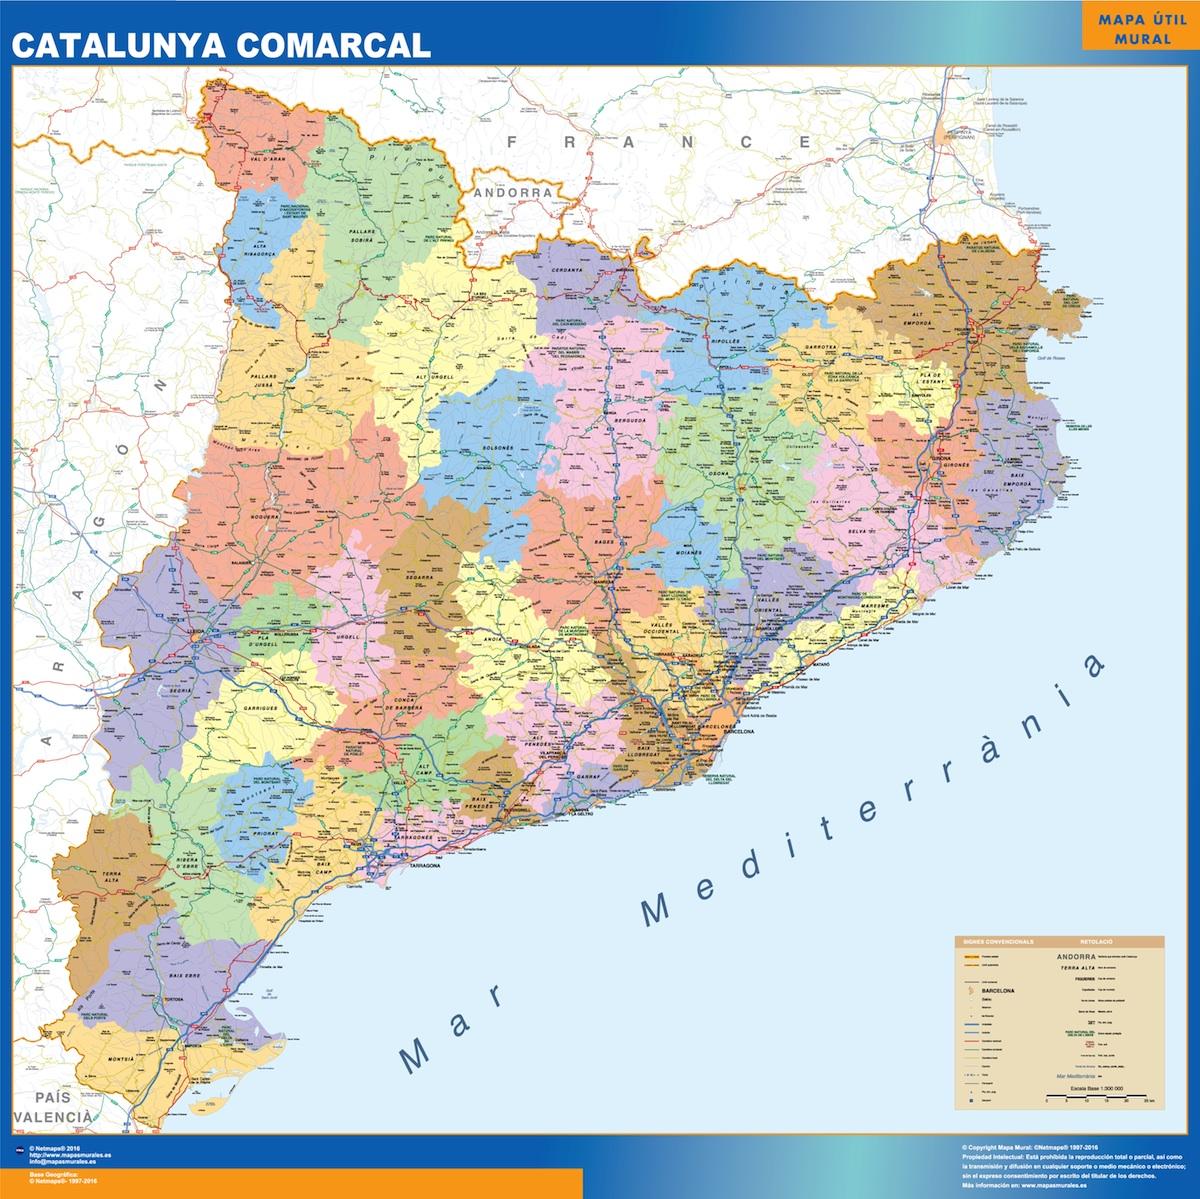 Mapa Catalunya Comarcal